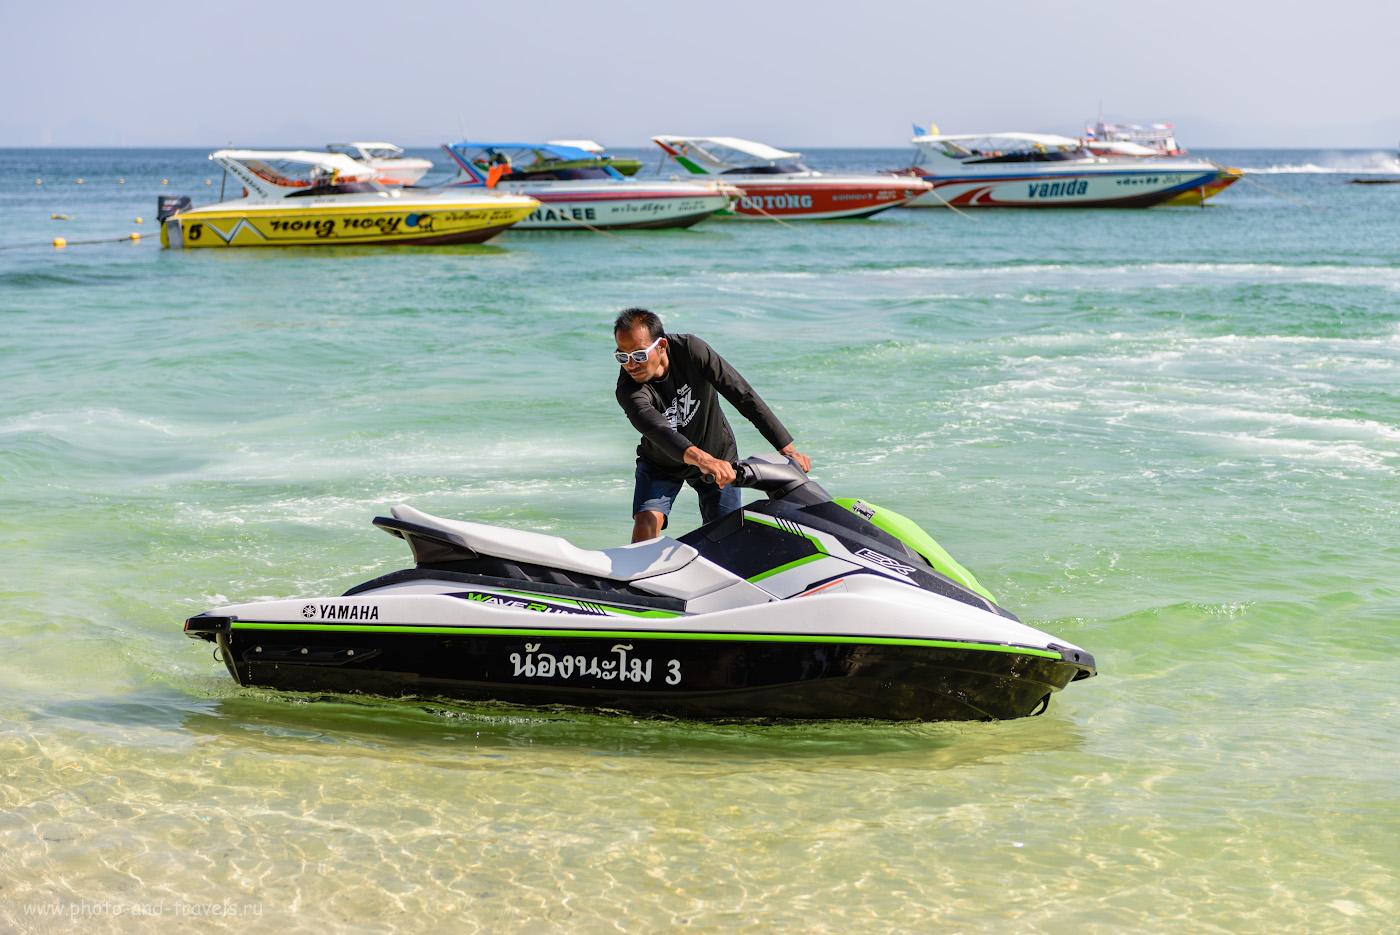 Фото 28. Очень частый развод туристов в Паттайе – «jet-skiing». Велика вероятность, что за катание на водном скутере придется заплатить больше, чем вы рассчитывали. 1/1250, +0.33, 3.2, 100, 62.